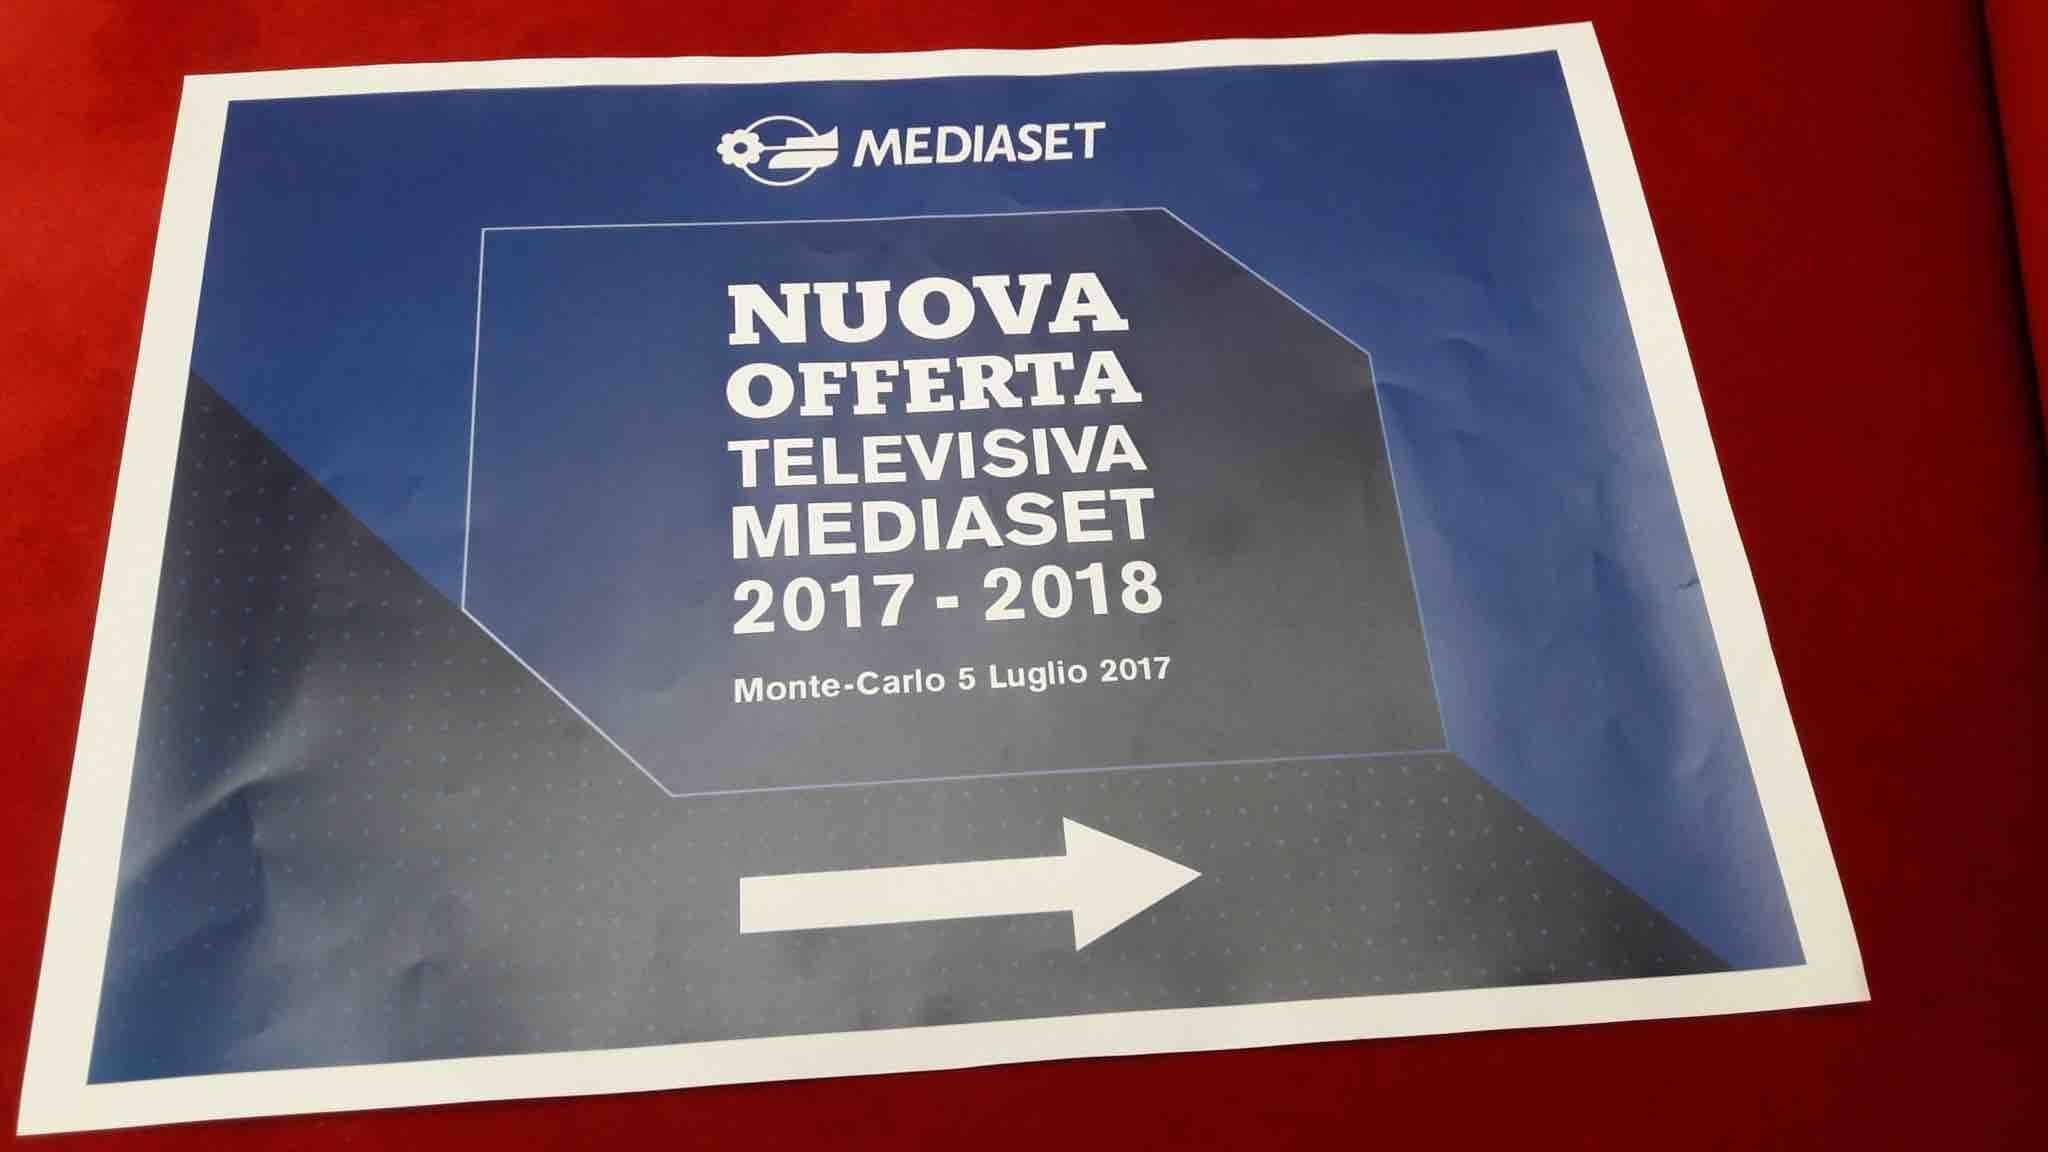 Palinsesti Mediaset 2017/2018